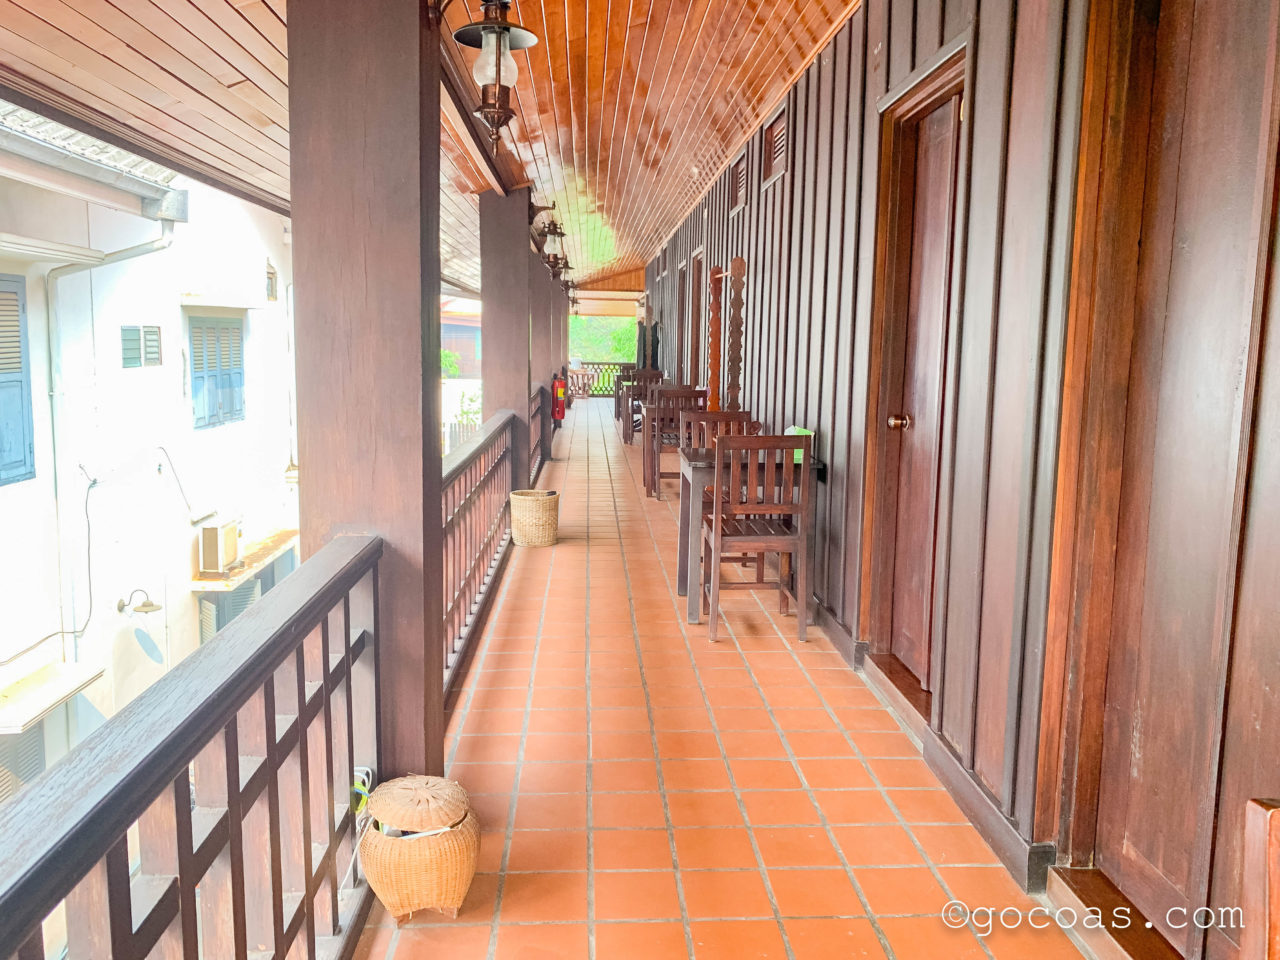 ヴィラ ラタナコンの廊下